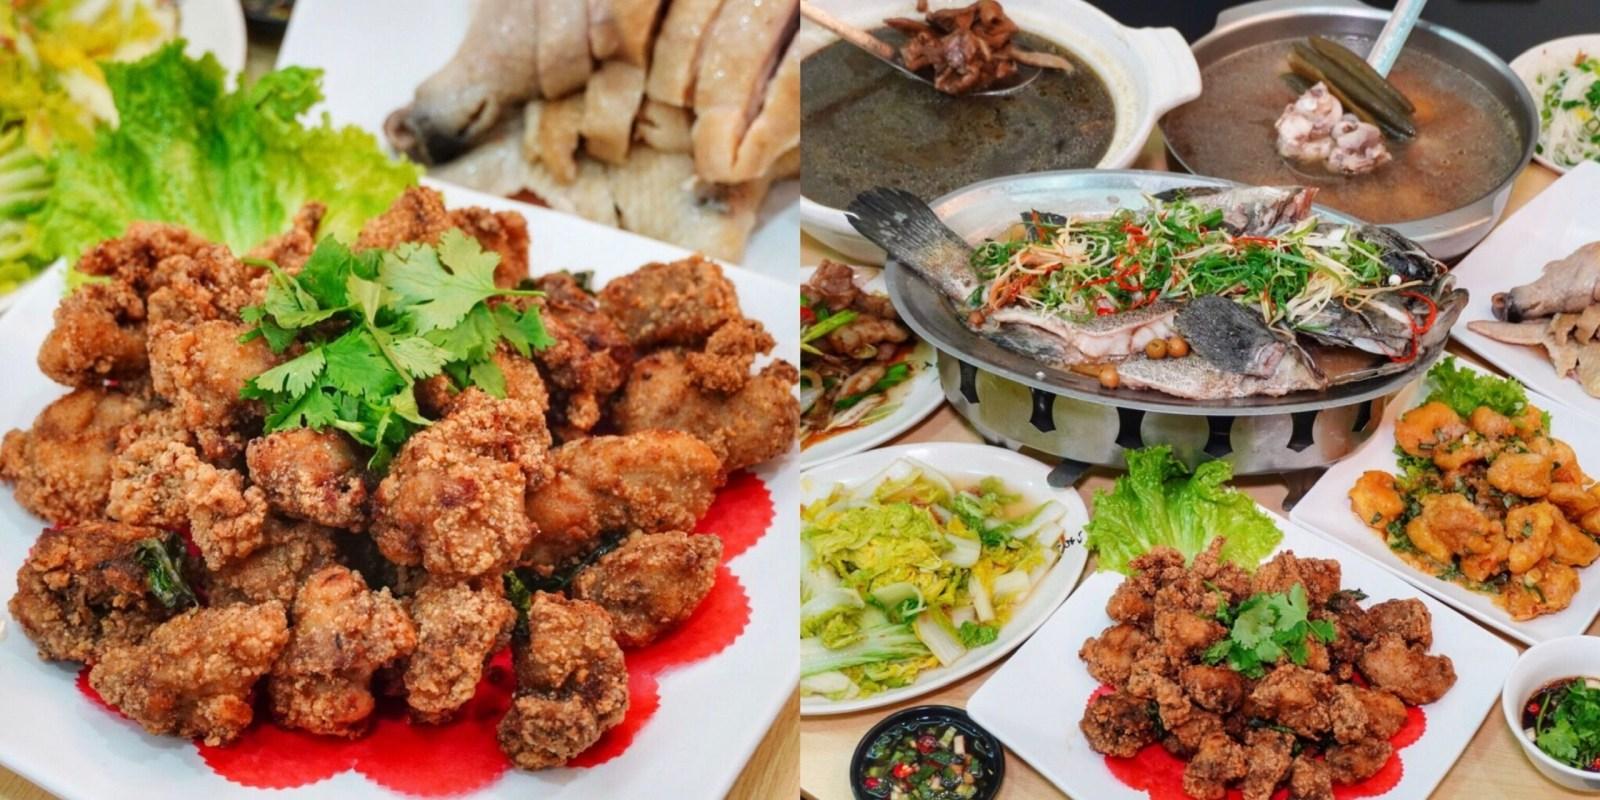 【台南美食】雞家庄 台南又一家好吃雞肉實力店!必吃豆乳雞+二仙雞湯 新推出年菜外帶與多種套餐 吃雞吃起來了